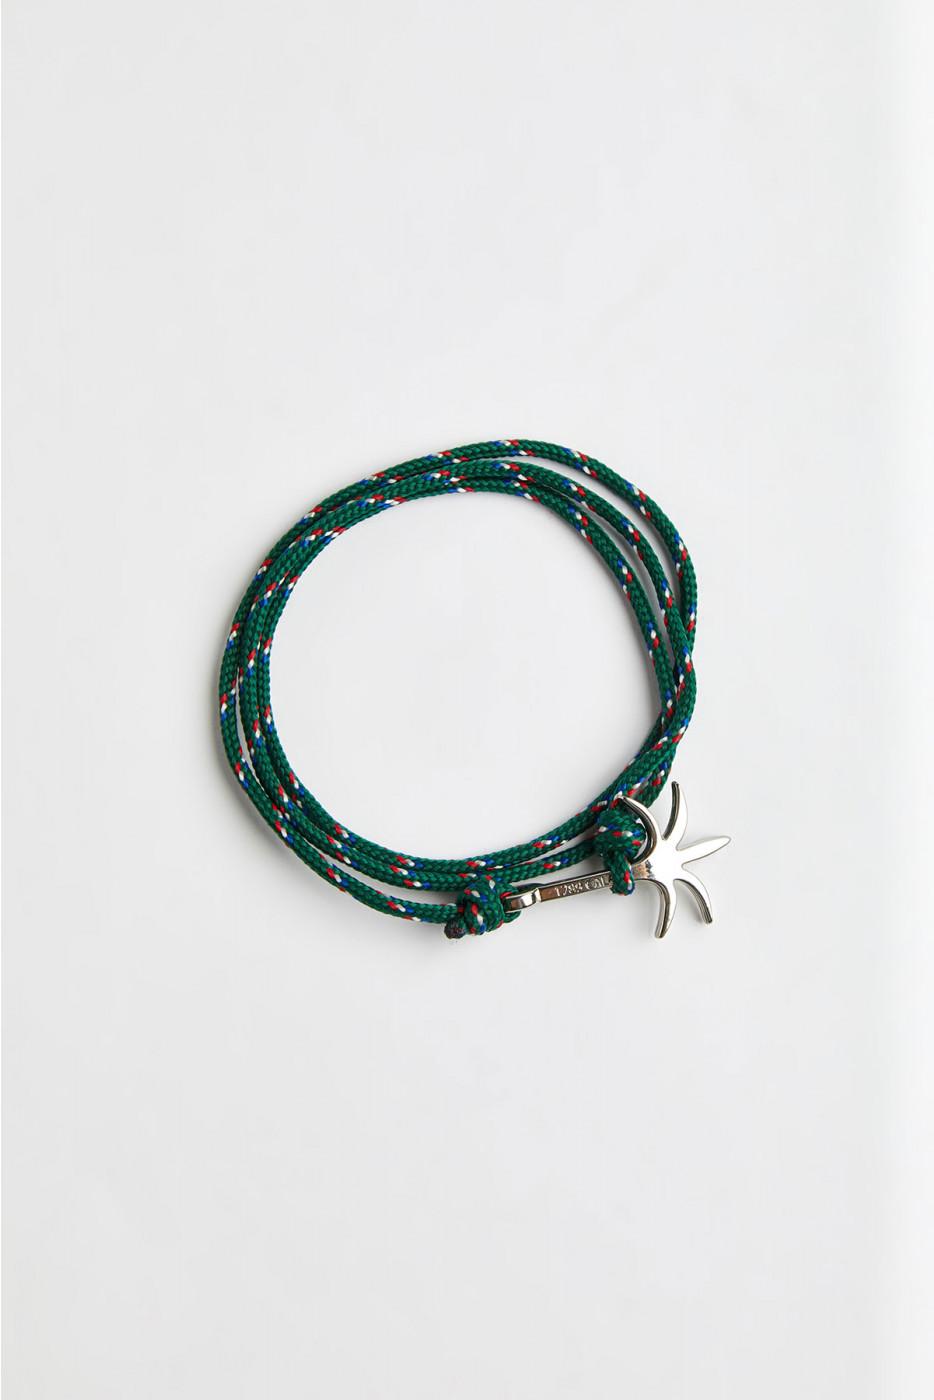 Bracelet Corde Émeraude - PALMIER BRACELET